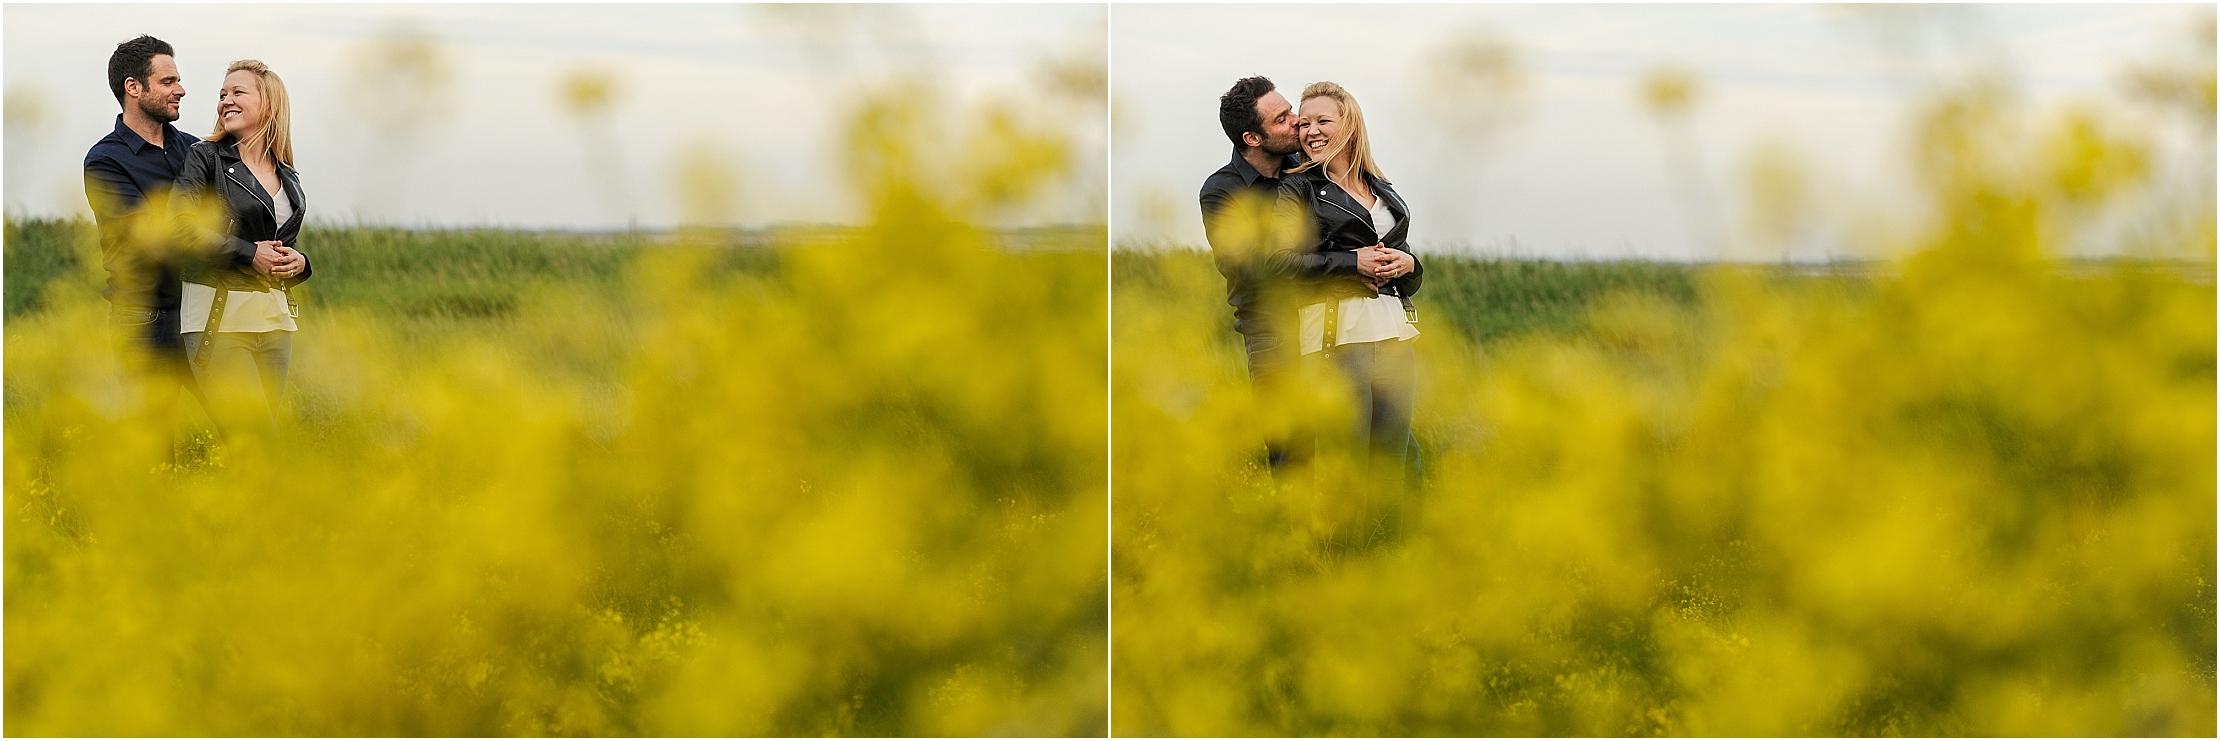 lytham-pre-wedding-shoot - 22.jpg